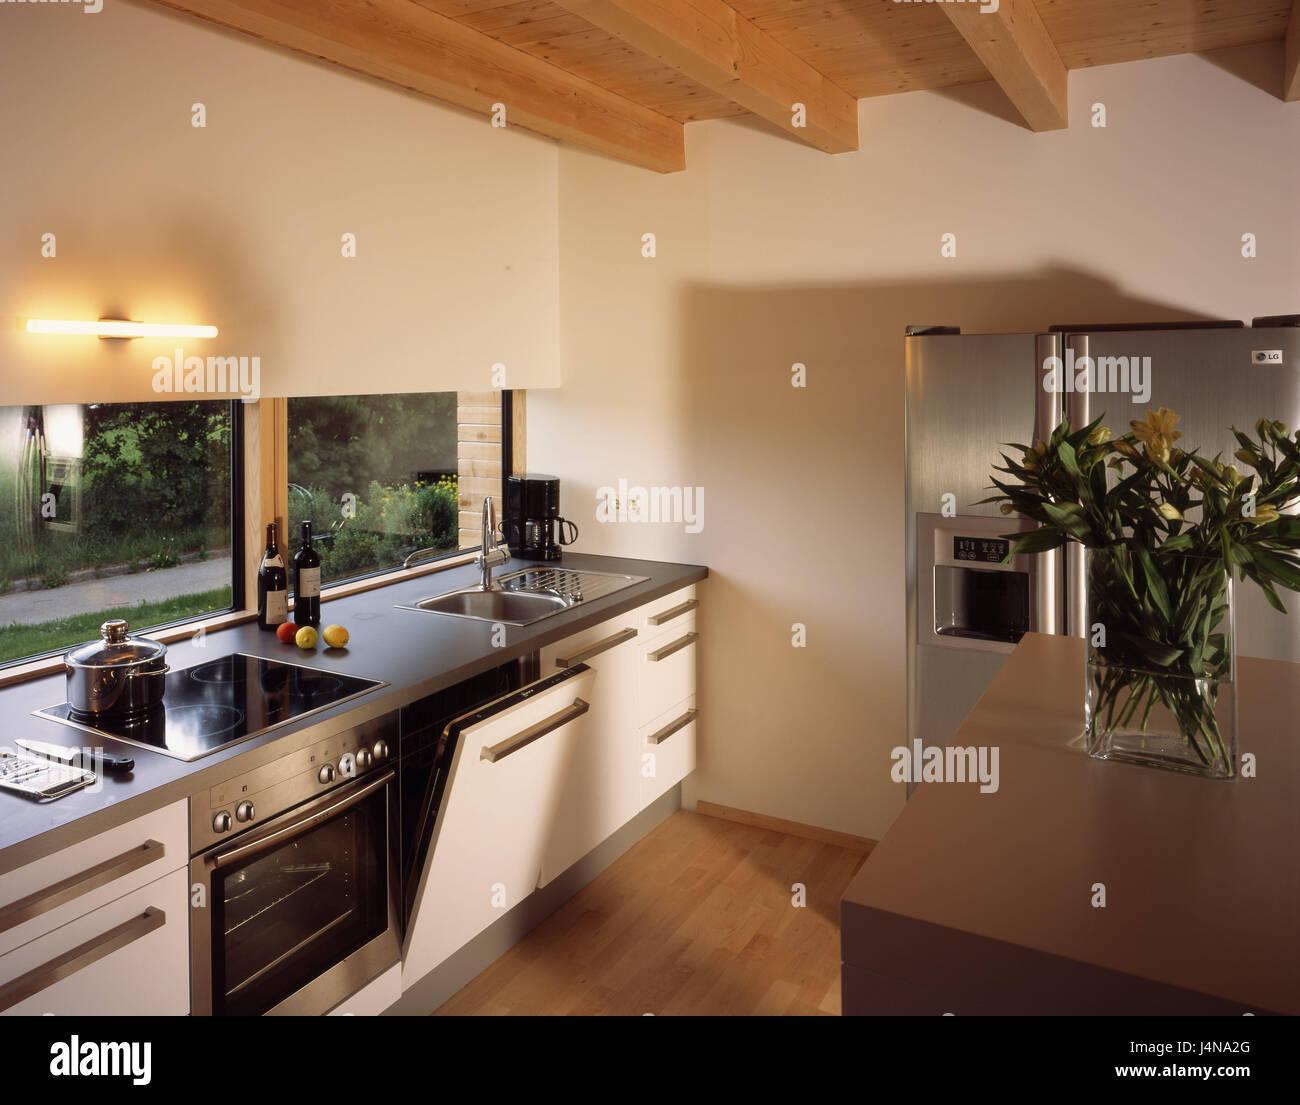 Wohnhaus Eberle, Küche, Moderne, Wohn Haus, Einfamilienhaus, Eigenheim,  Haus, Innen, Inneneinrichtung, Innenarchitektur, Live, Wohn Stil,  Wohnkultur, ...